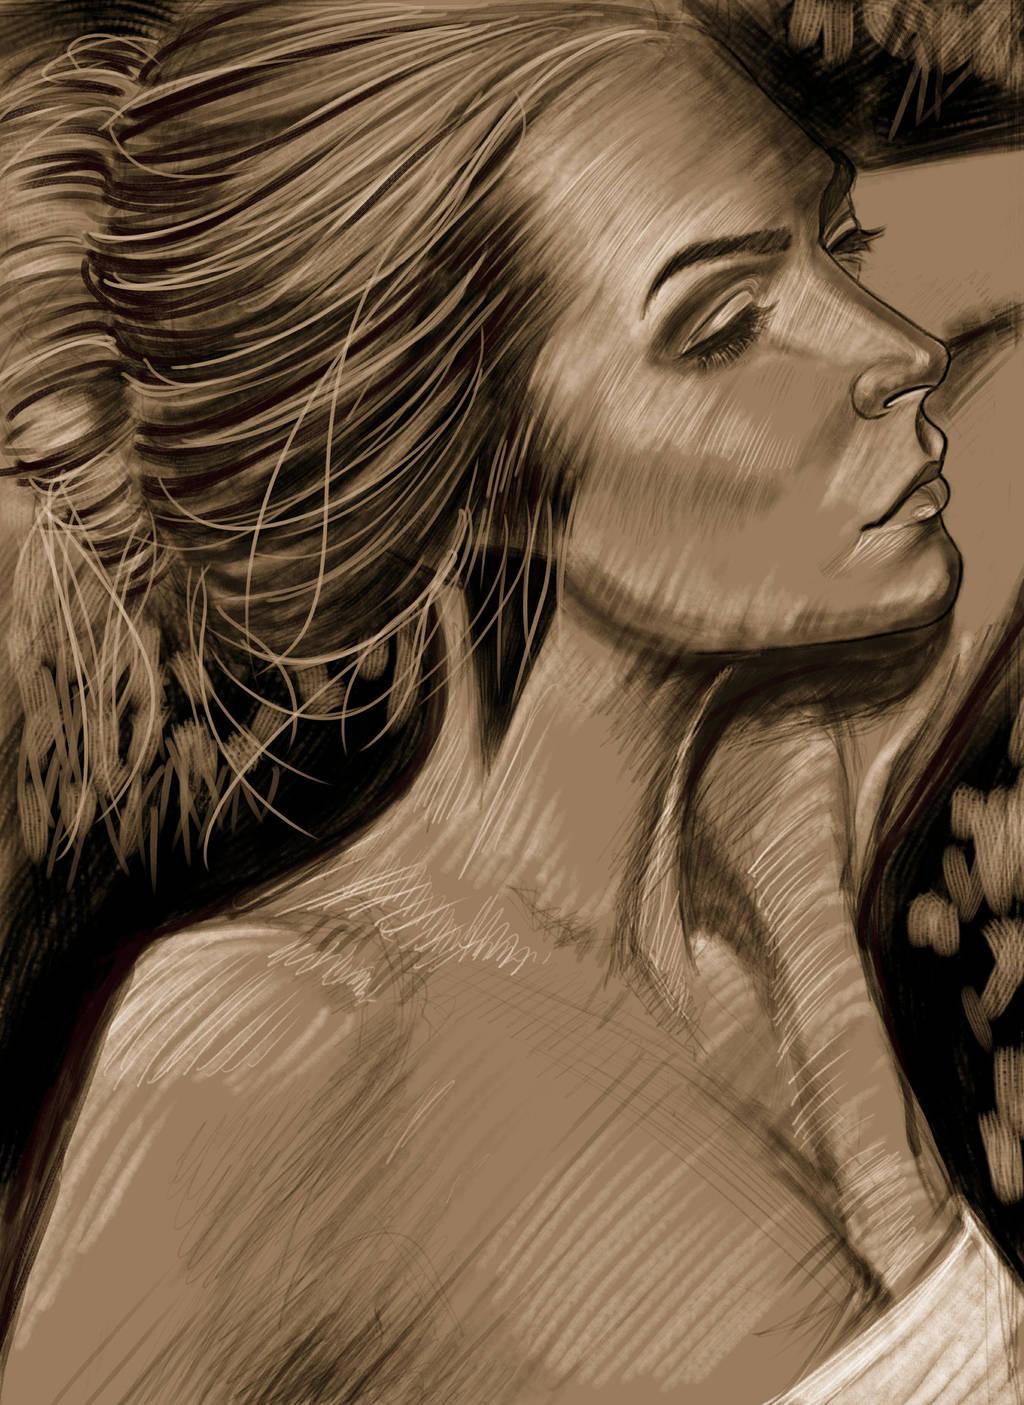 Digital sketch by Johannahoj